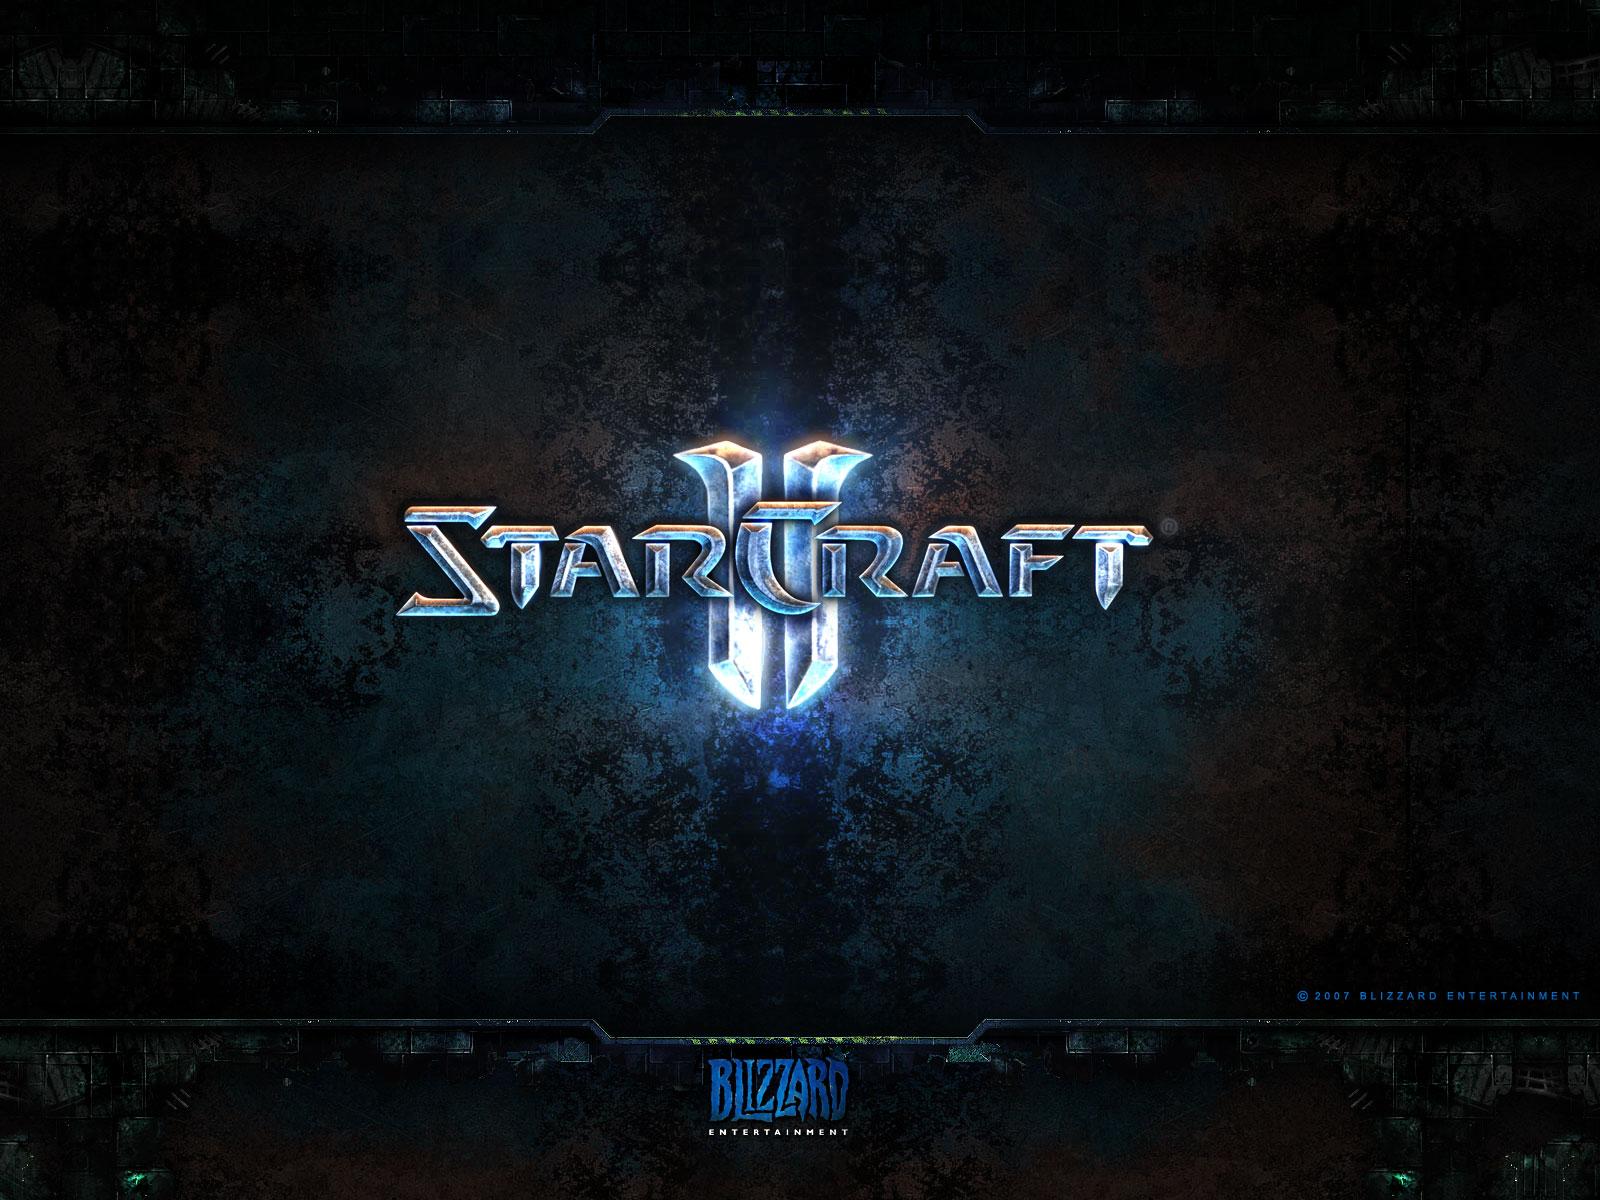 http://3.bp.blogspot.com/-TA_bk2jj7Ng/TdKLWuZrnXI/AAAAAAAABt8/_TZtBmHcvQ4/s1600/Starcraft_1.jpg